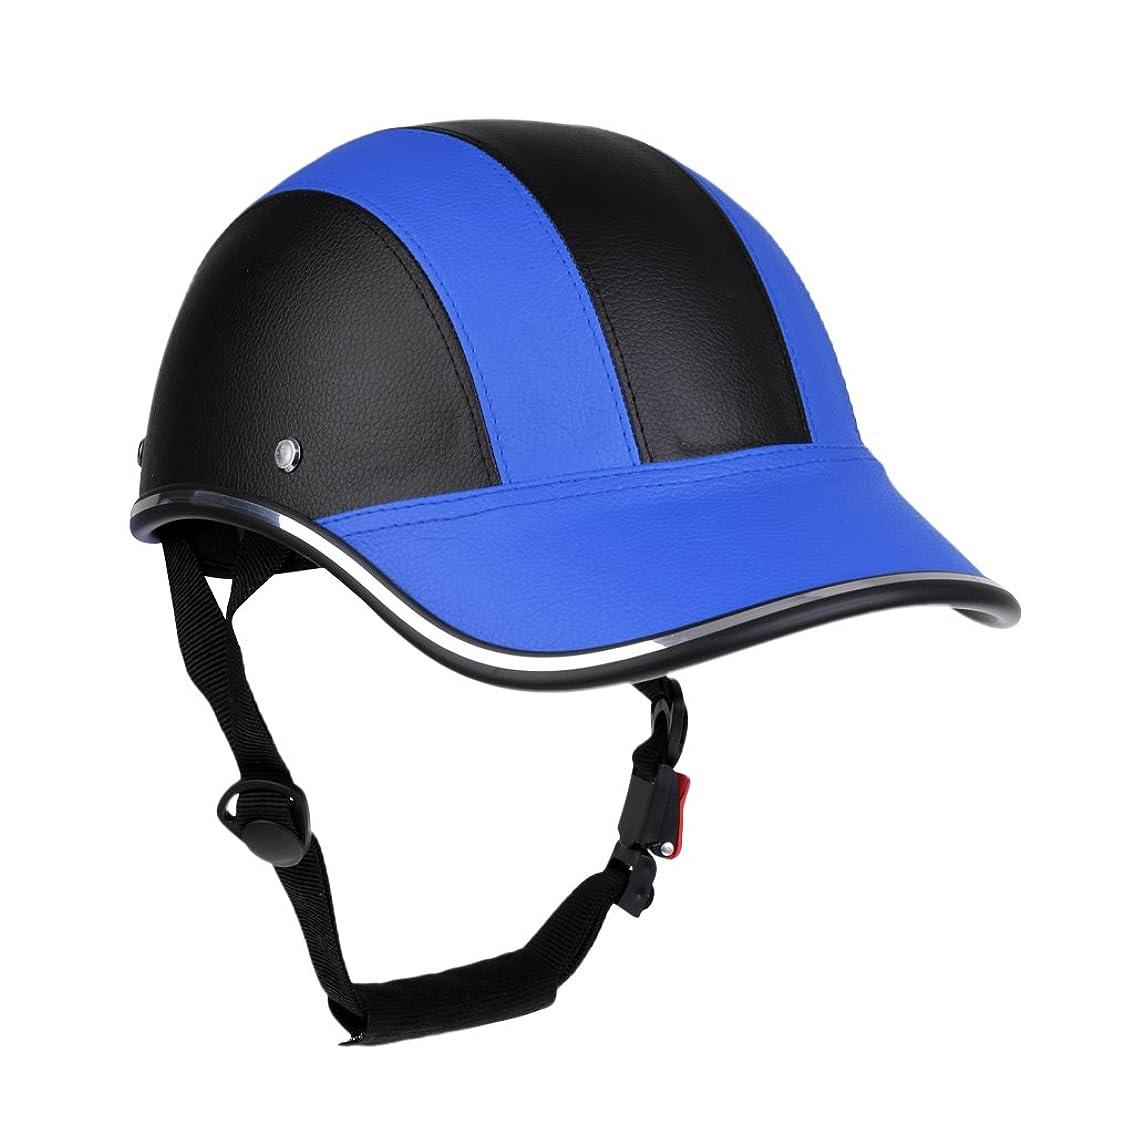 危険を冒します受賞肘掛け椅子freneci 野球 ヘルメット 軟式 野球帽 アンチUV 男女兼用 オートバイ 自転車 サイクリング 登山 快適